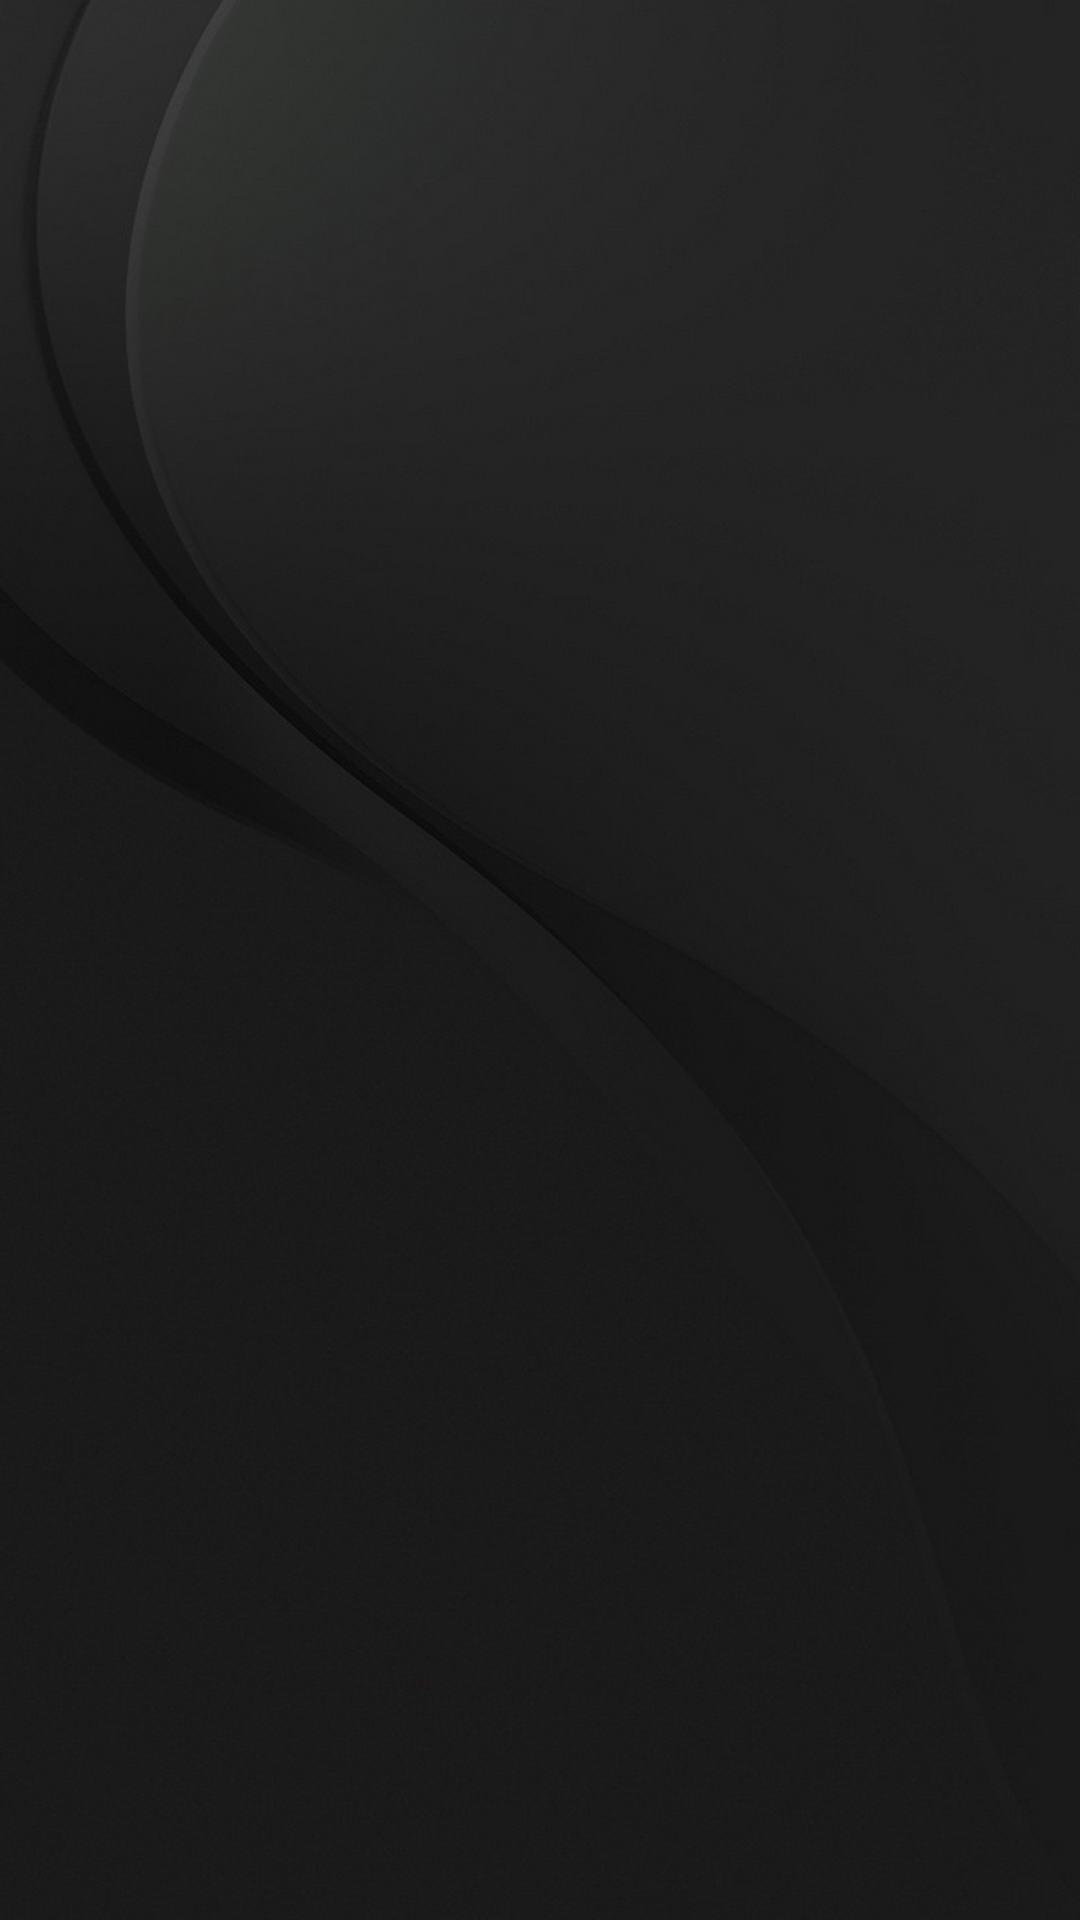 47 Nexus 7 Wallpaper Portrait Downloads On Wallpapersafari